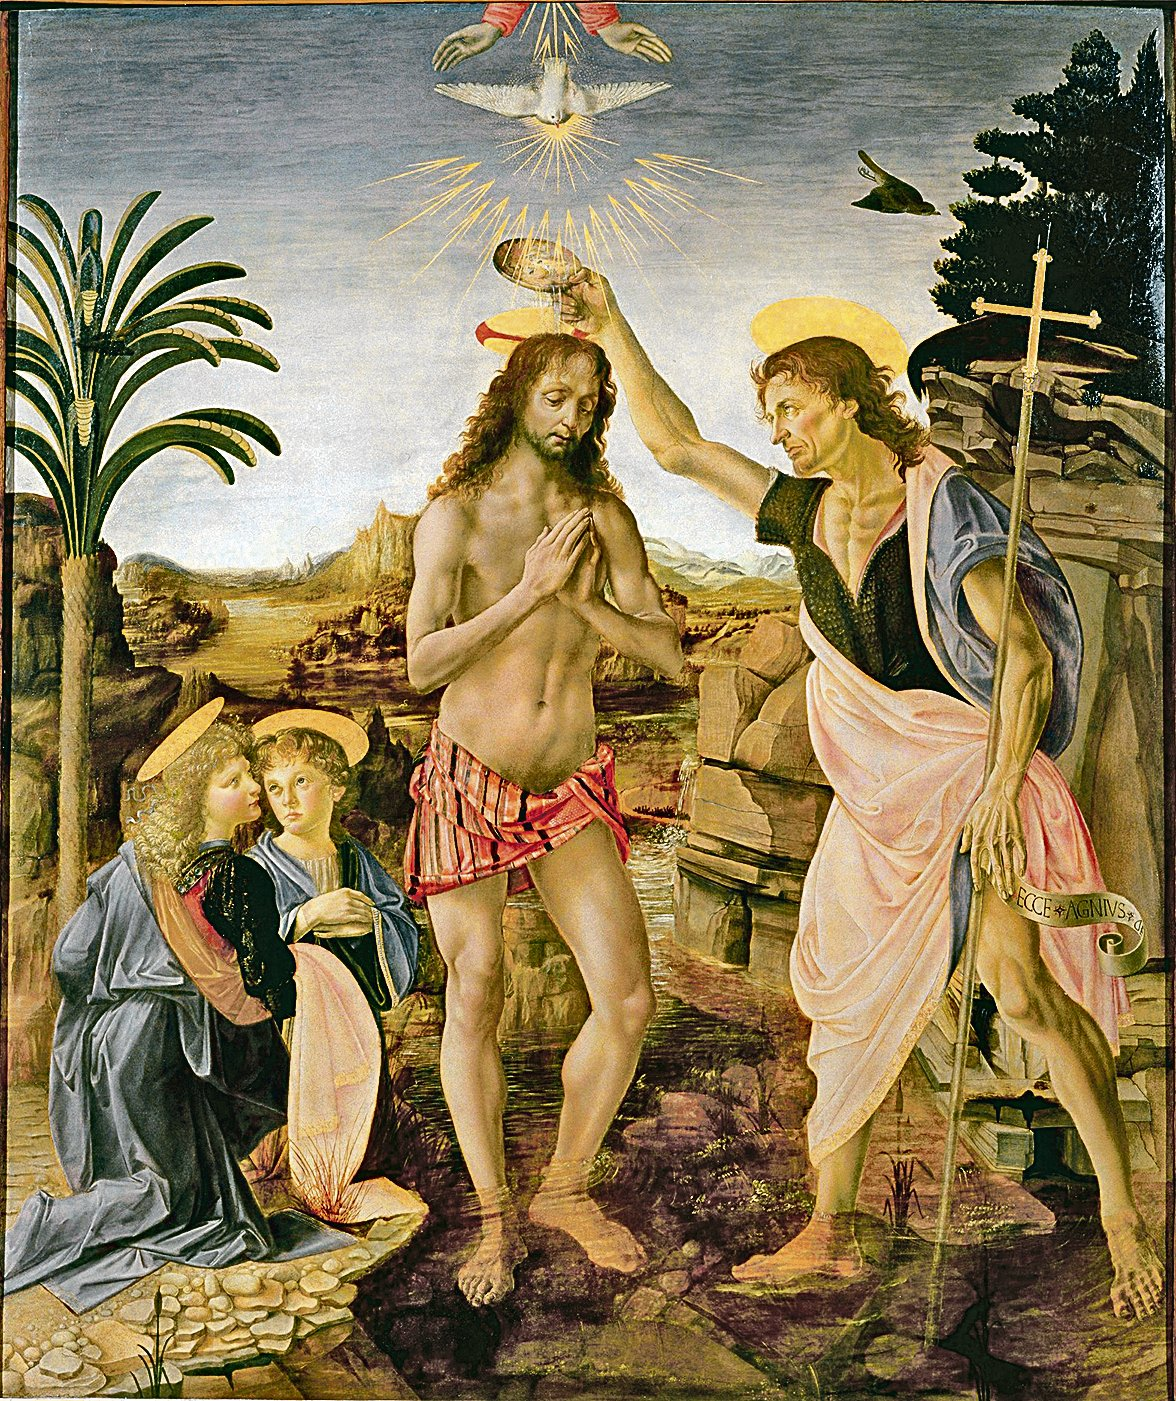 達文西的 《基督受洗》(The Baptism of Christ),楊木板上的油畫及蛋彩畫。現藏於佛羅倫薩烏菲茲美術館。 (維基百科公共領域)